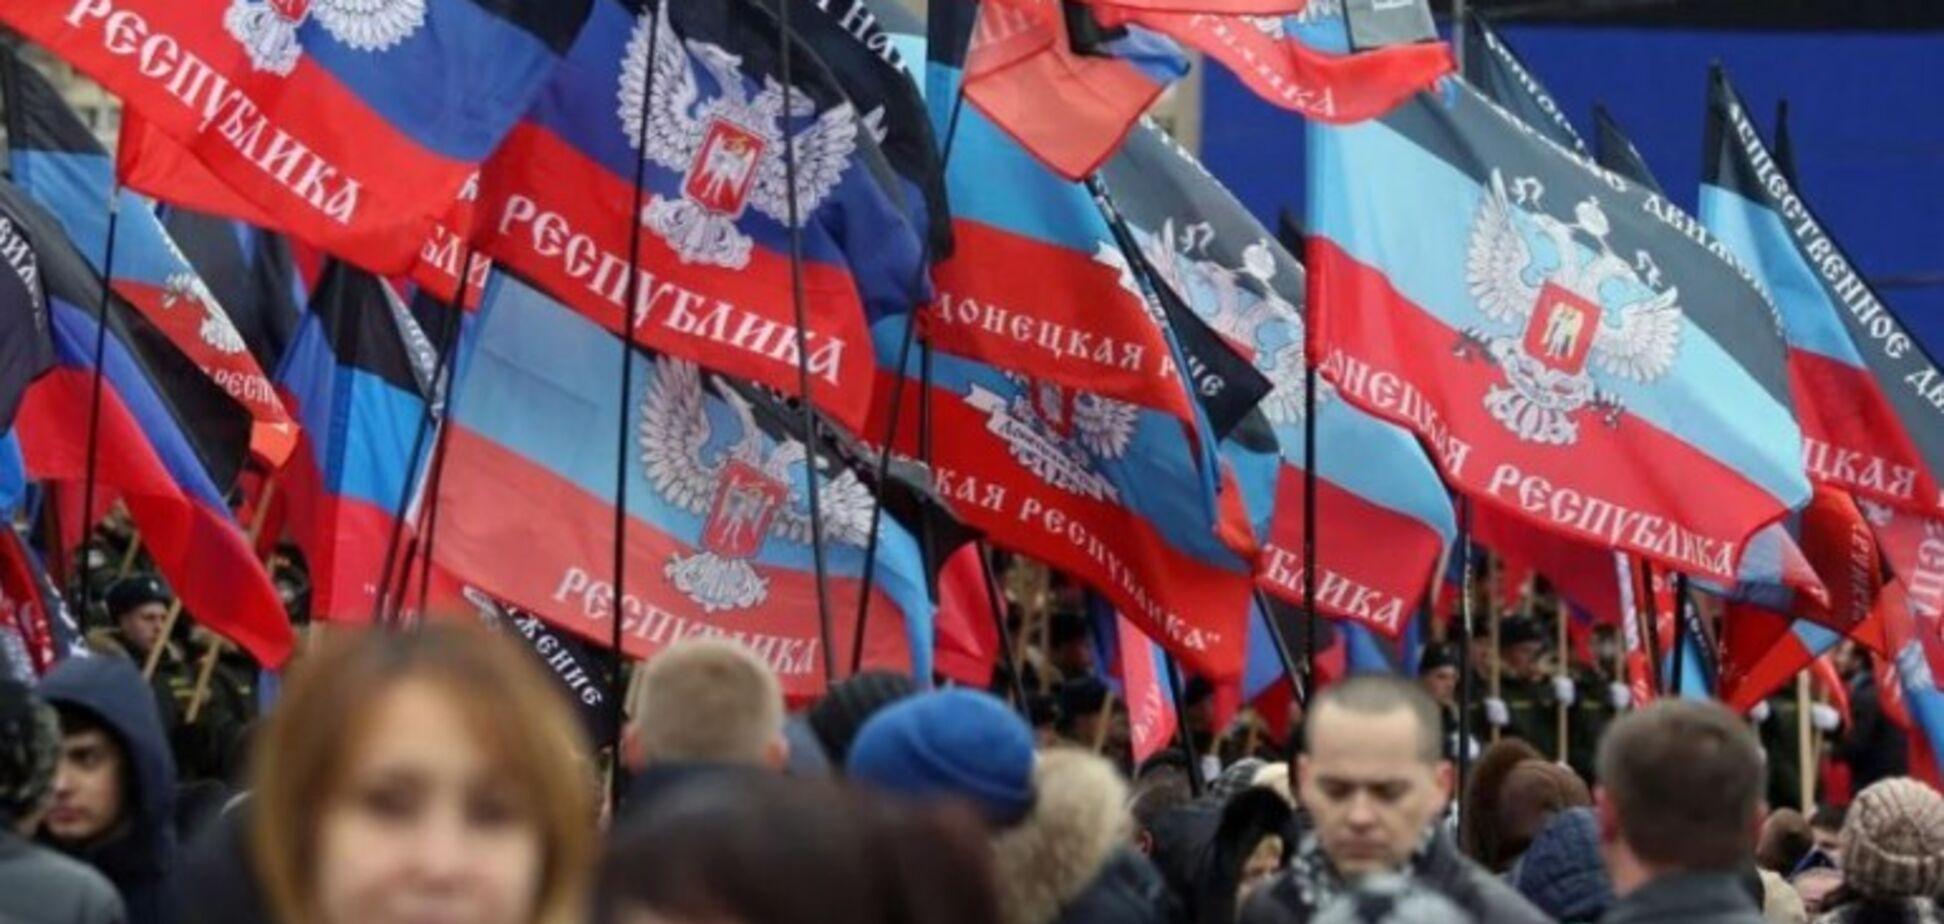 'Під дахом Росії': в 'ДНР' нахабно передрали відомий бренд заради бізнесу